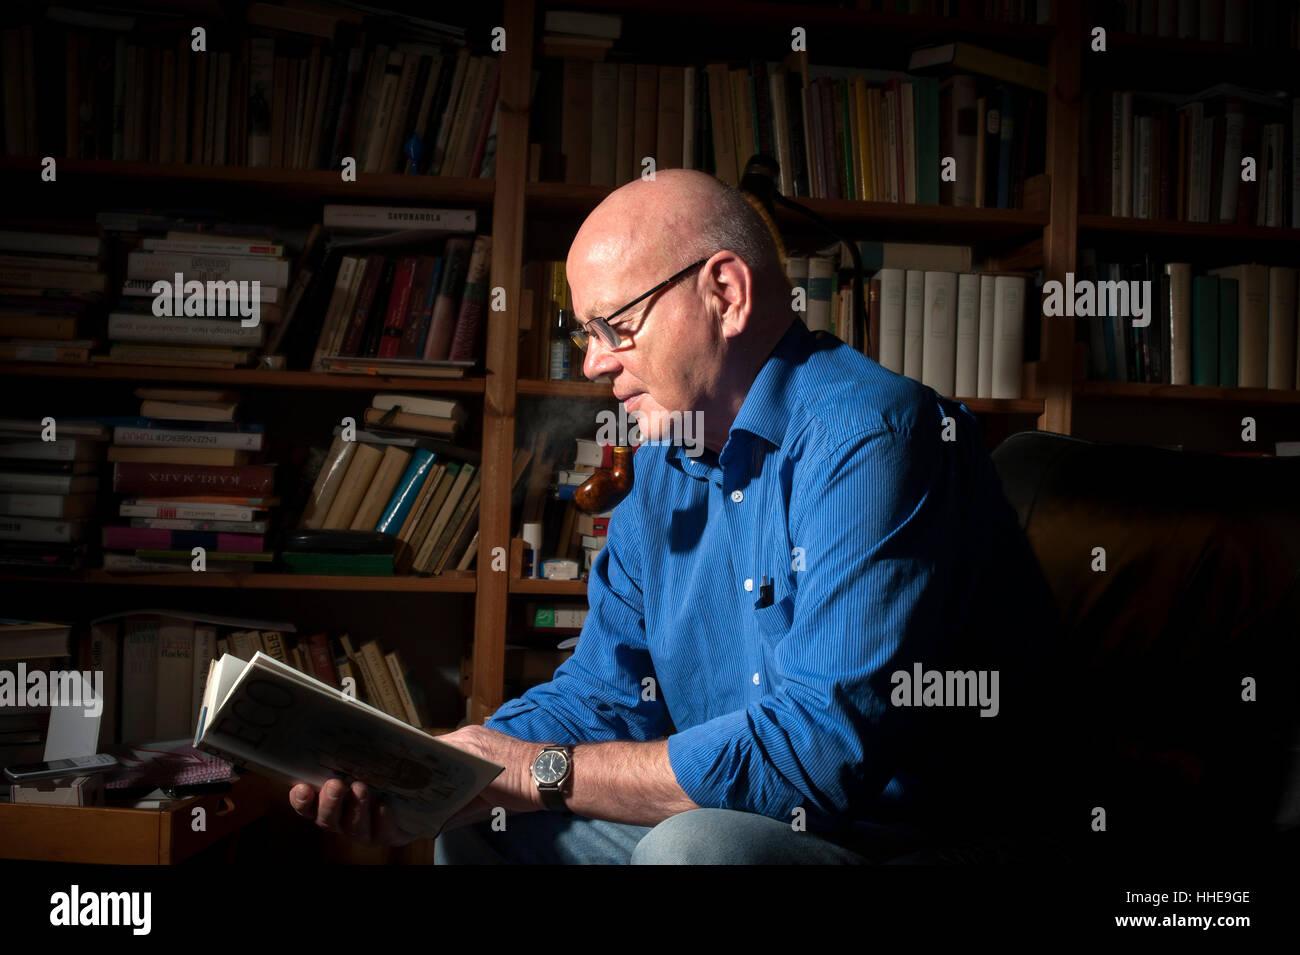 Un pensionista leyendo en su estudio en casa. Imagen De Stock